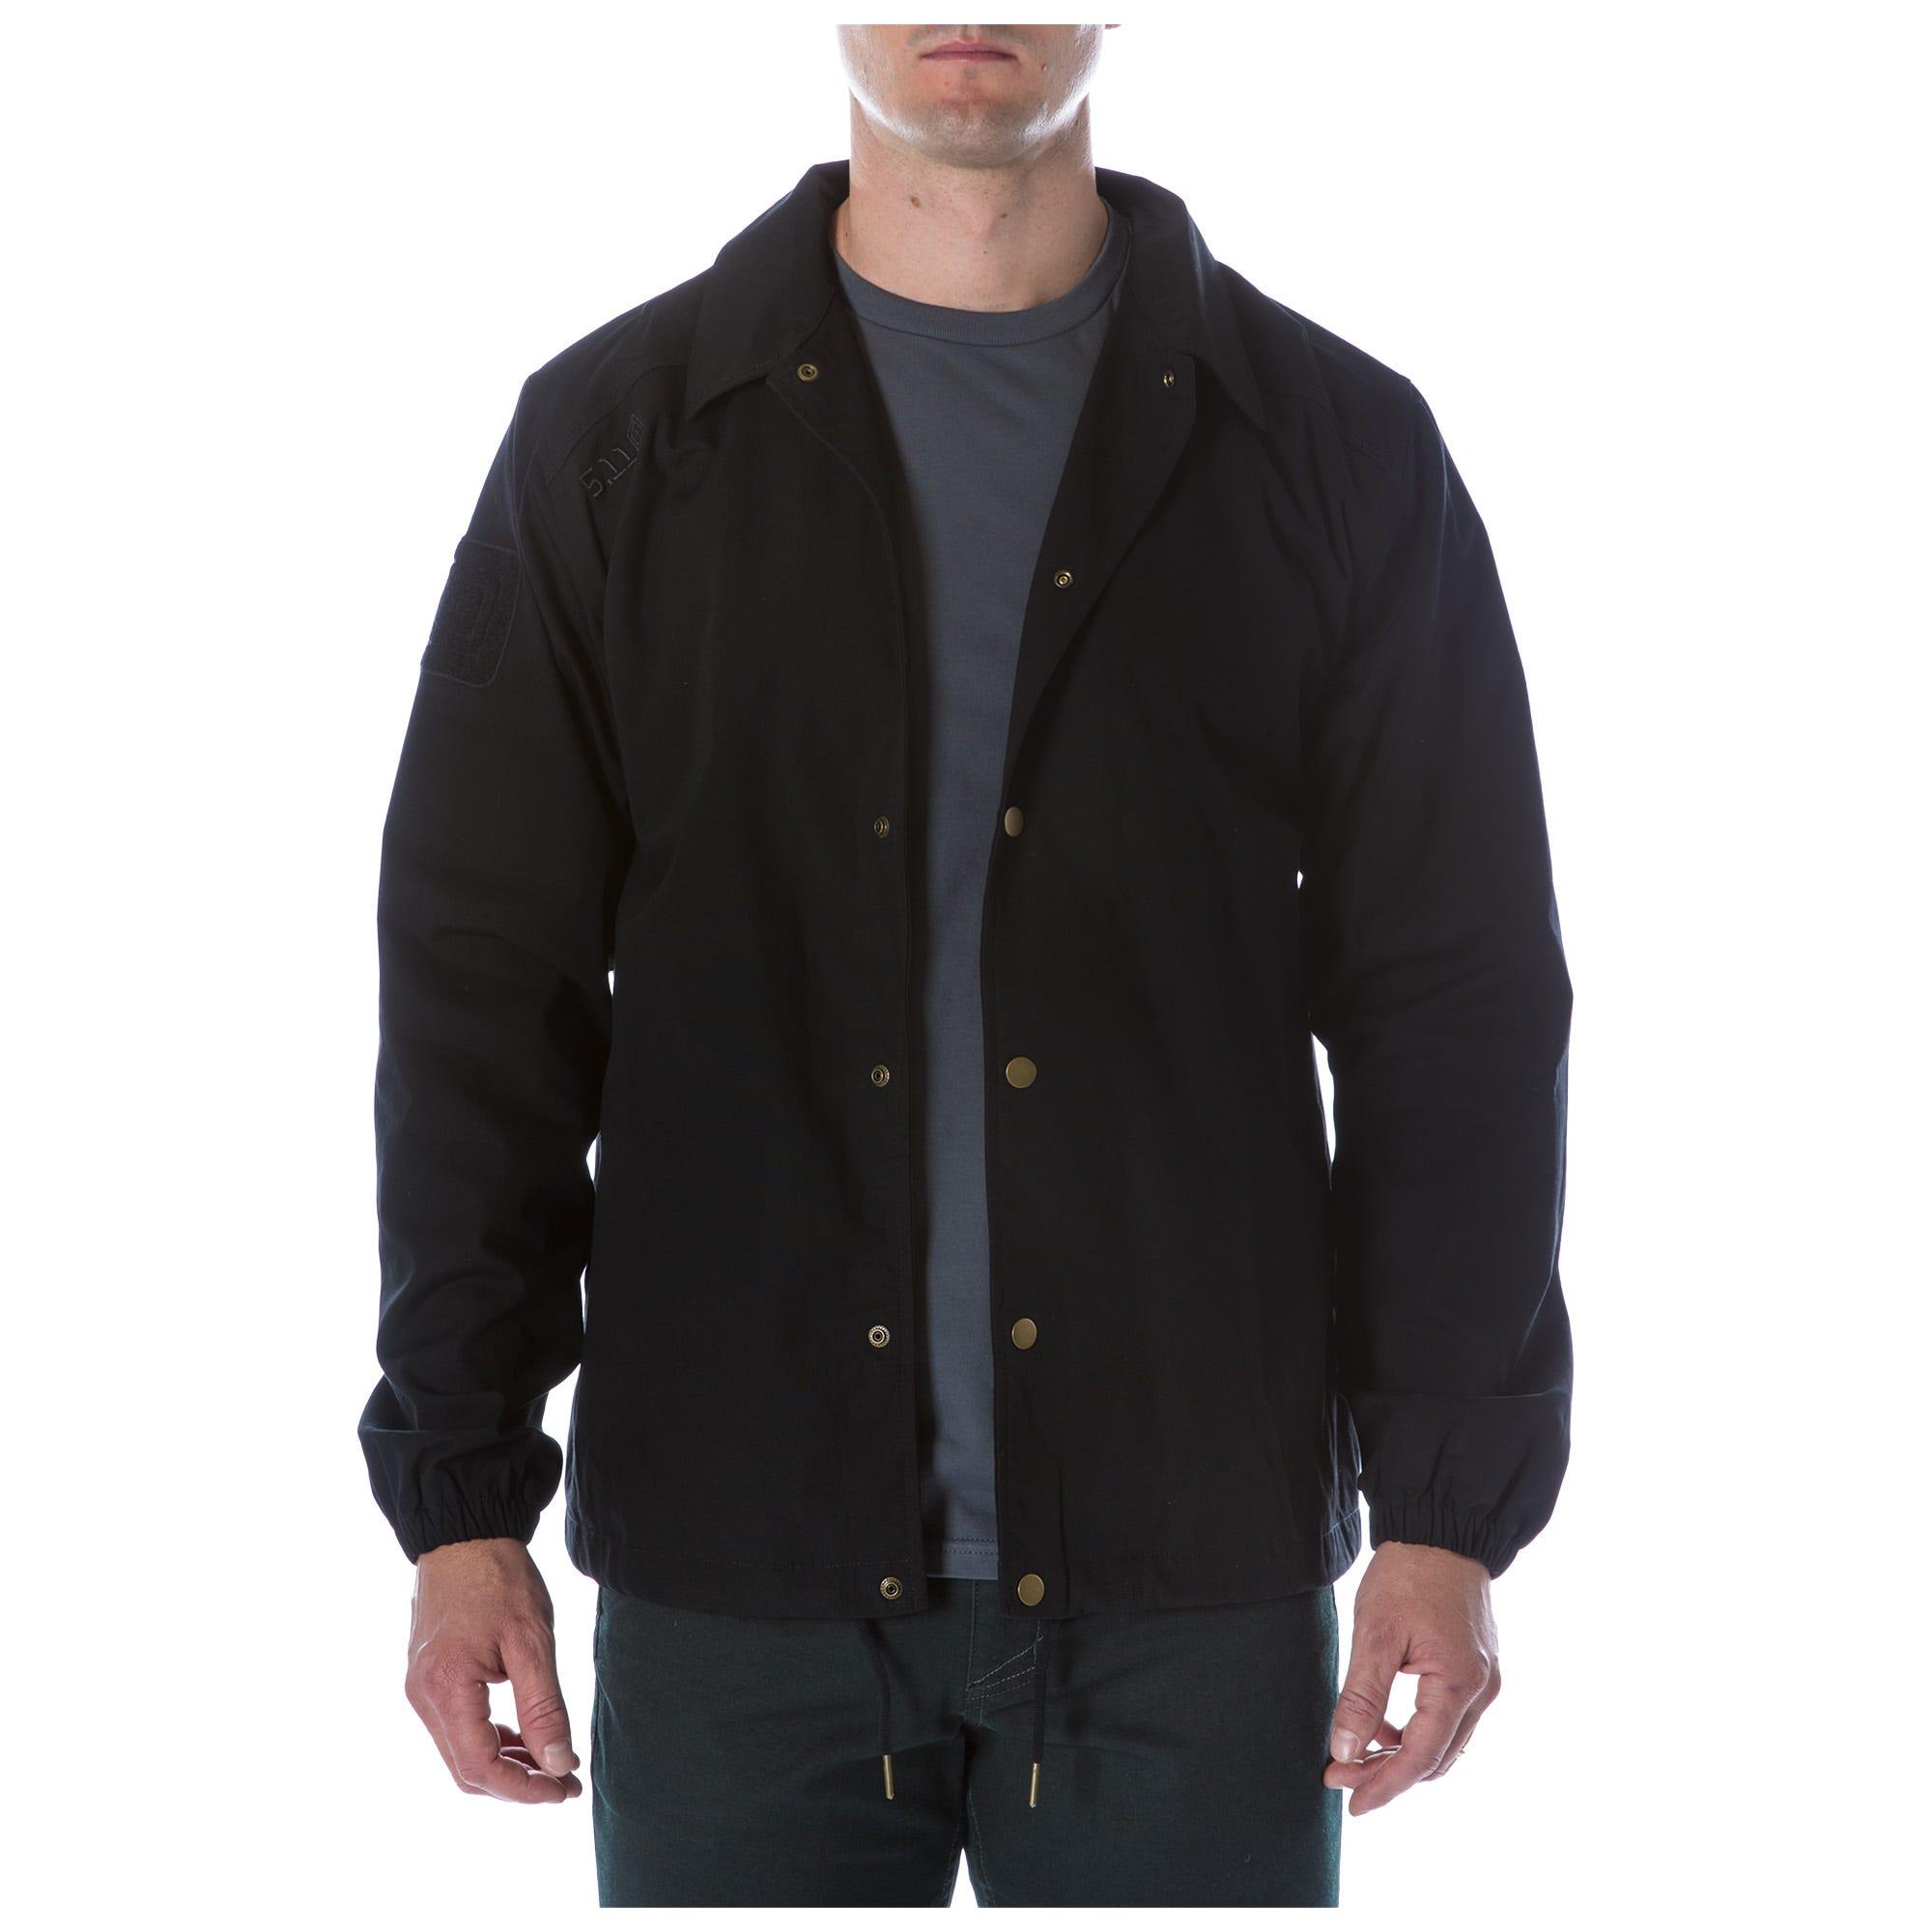 5.11 Tactical Men Crest Coaches Jacket (Black)